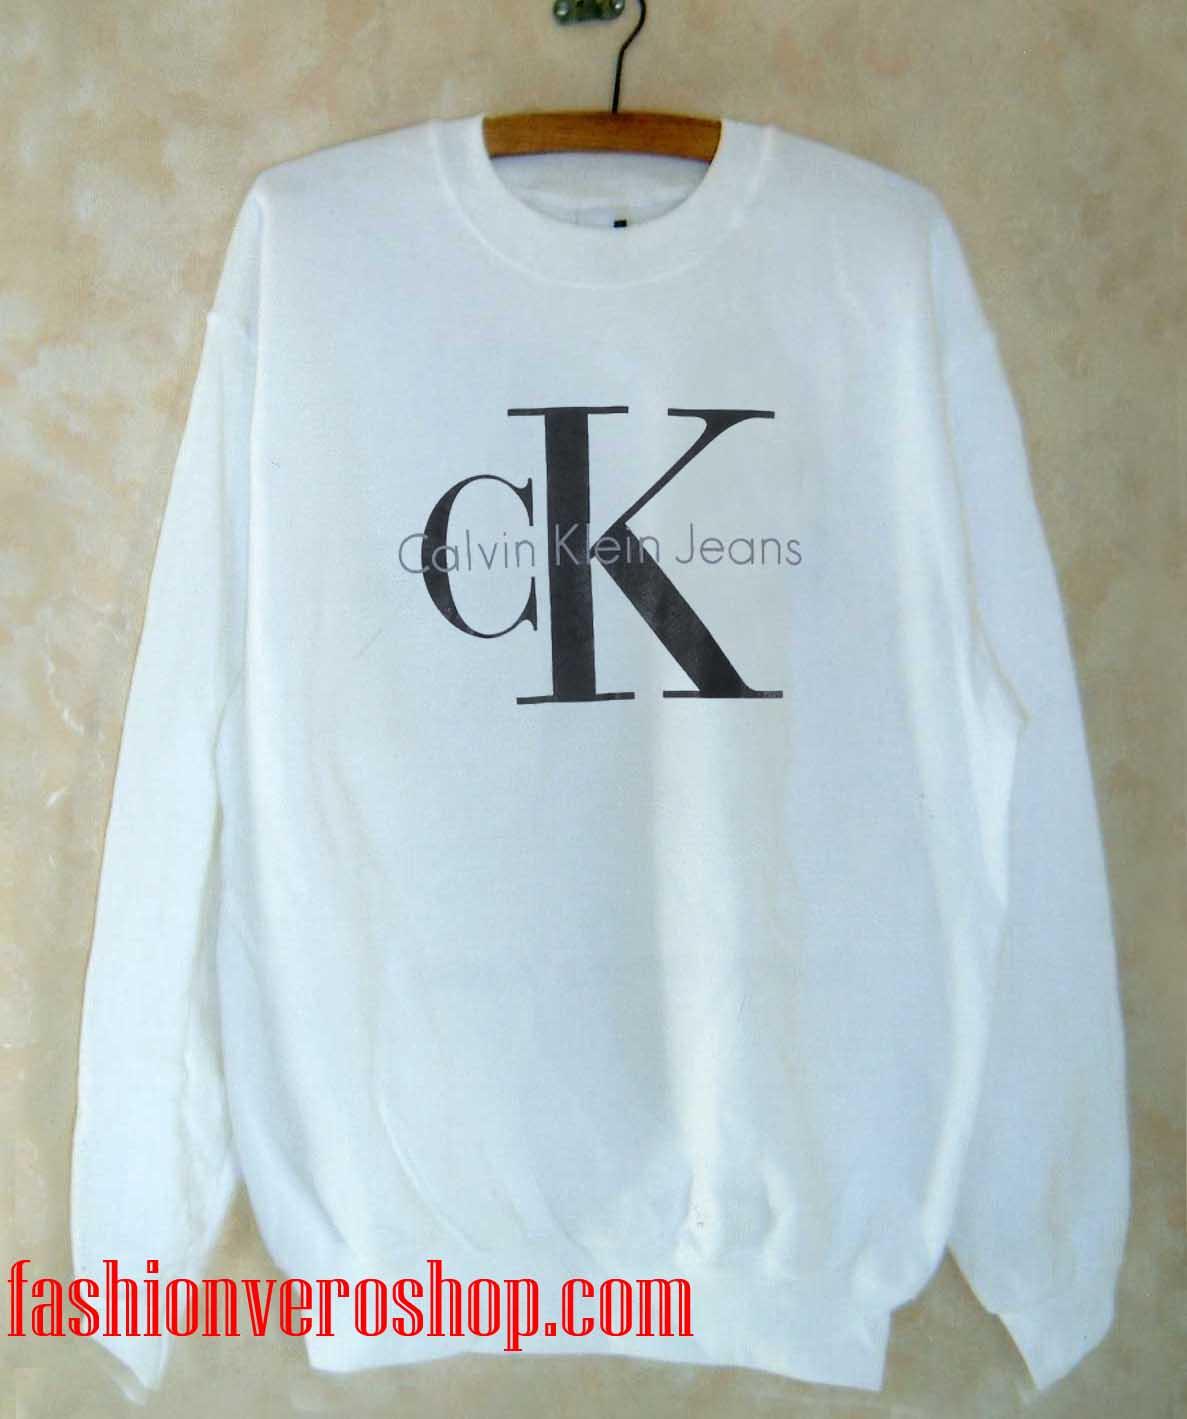 CK calvin klein Sweatshirt